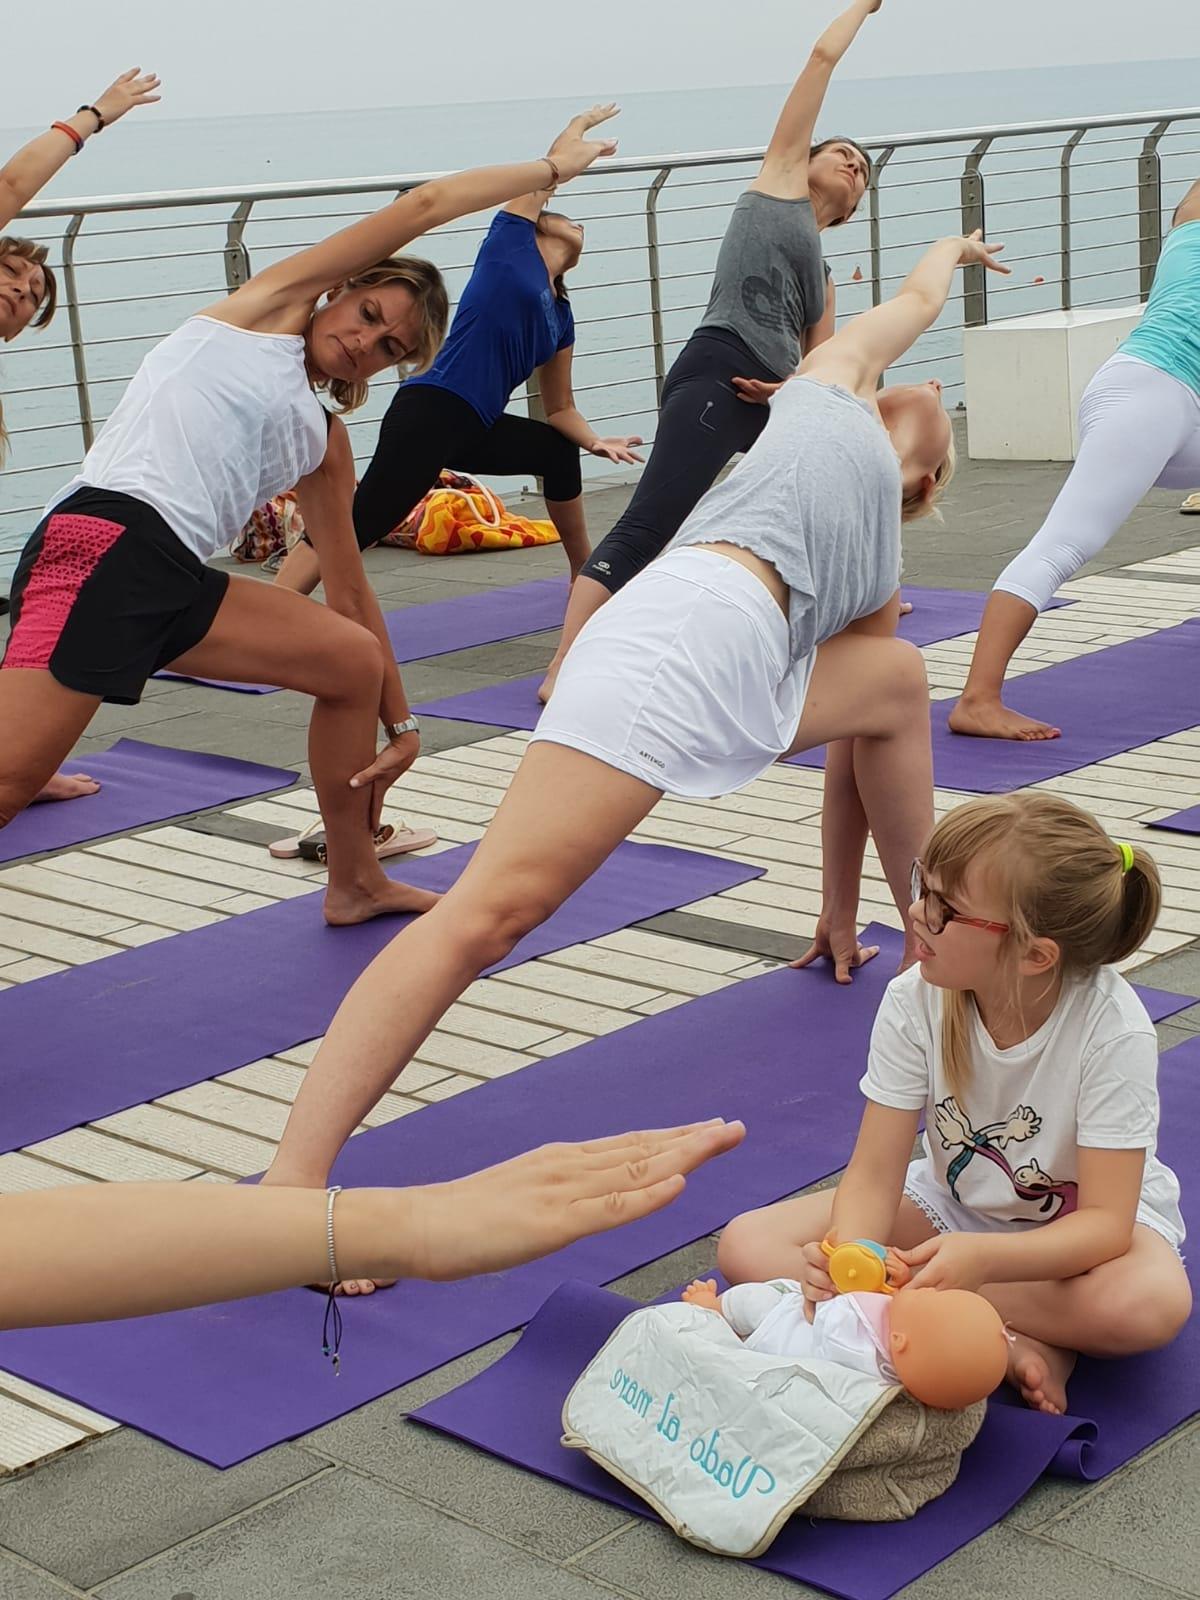 essere-free-yoga-gratuito-benessere-per-tutti-village-citta-alassio-estate-lucia-ragazzi-summer-town-wellness-121